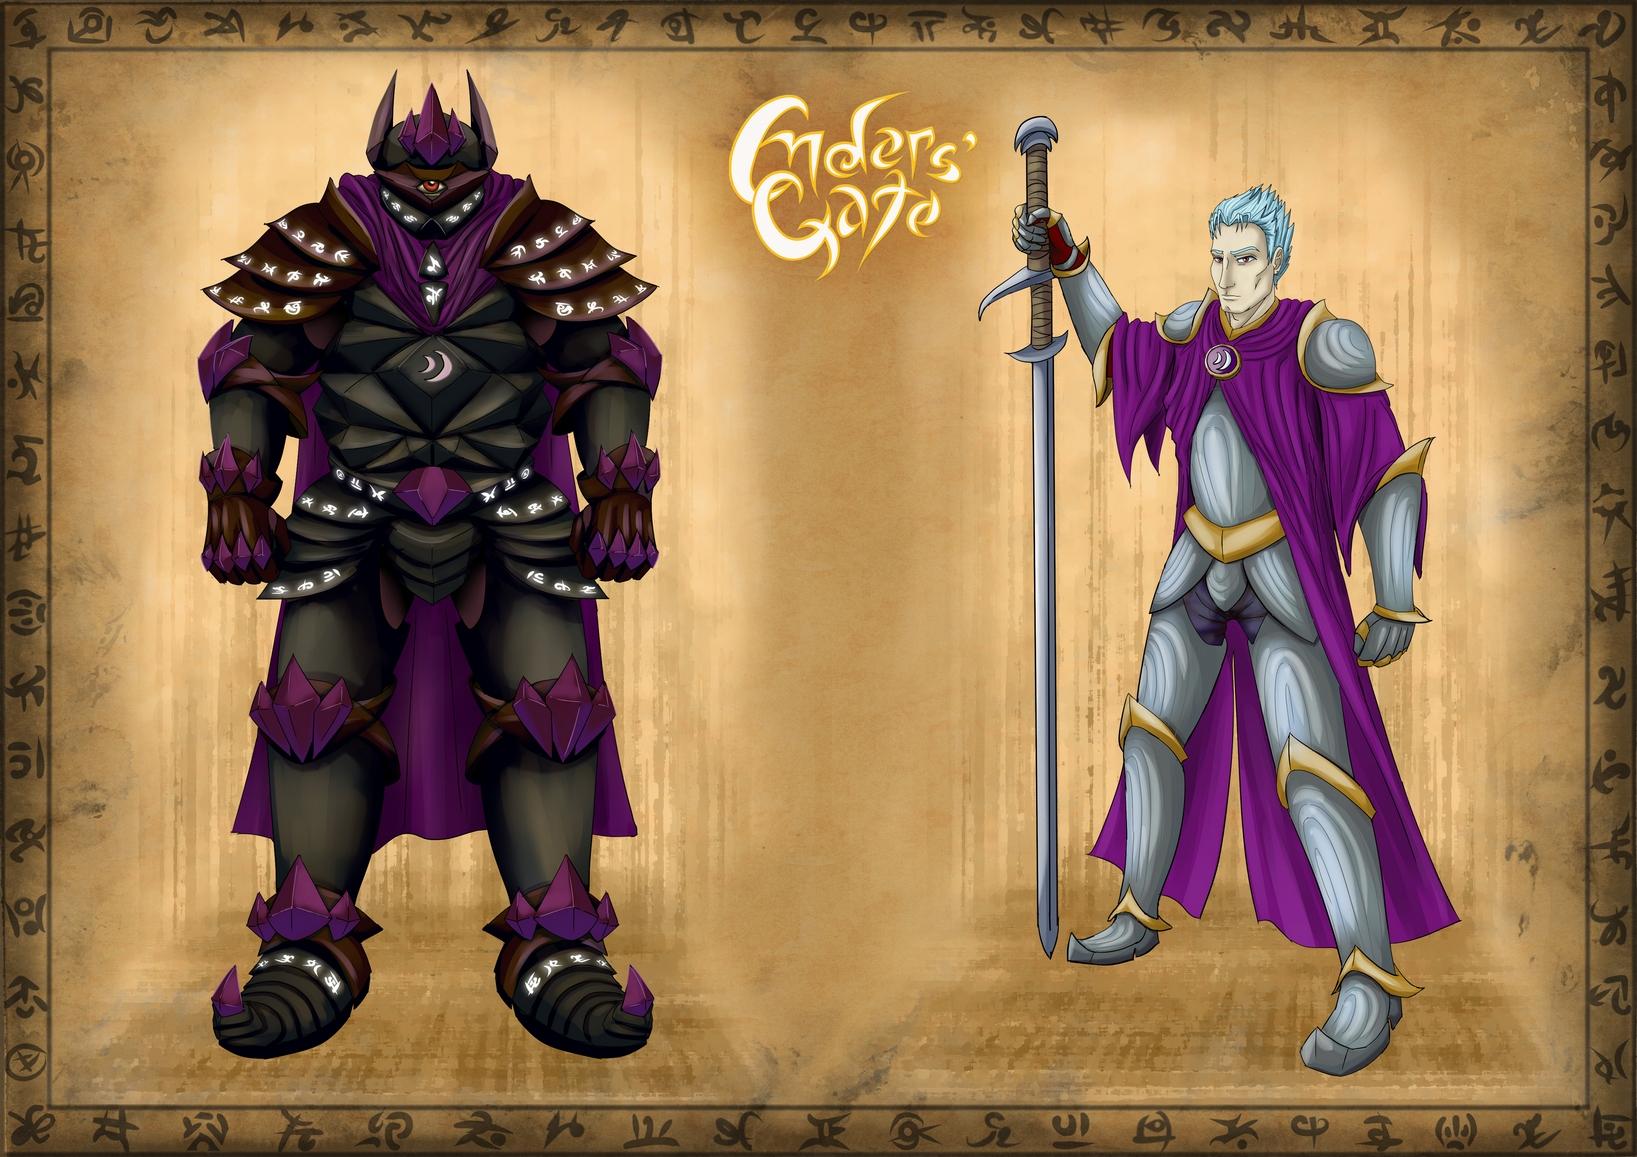 Enders' Gate: Igor